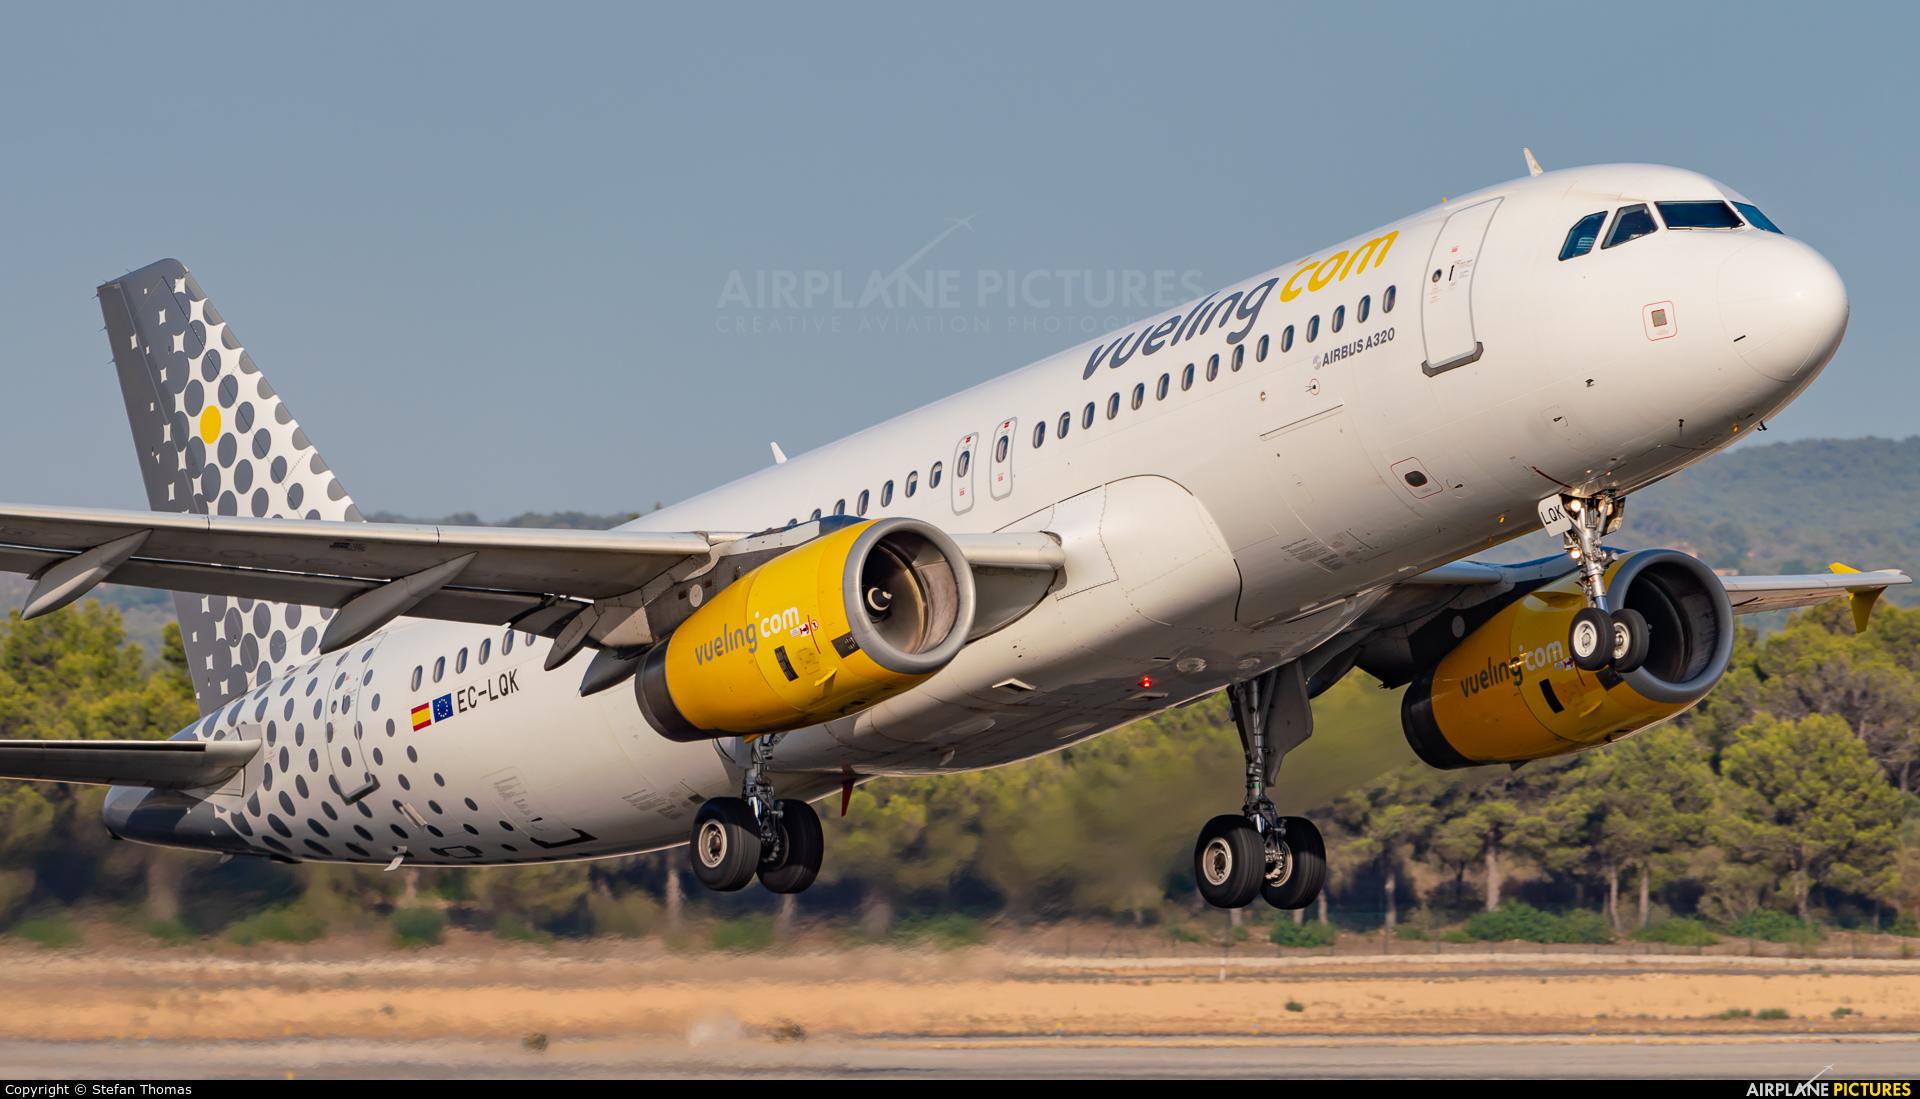 Vueling Airlines EC-LQK aircraft at Palma de Mallorca